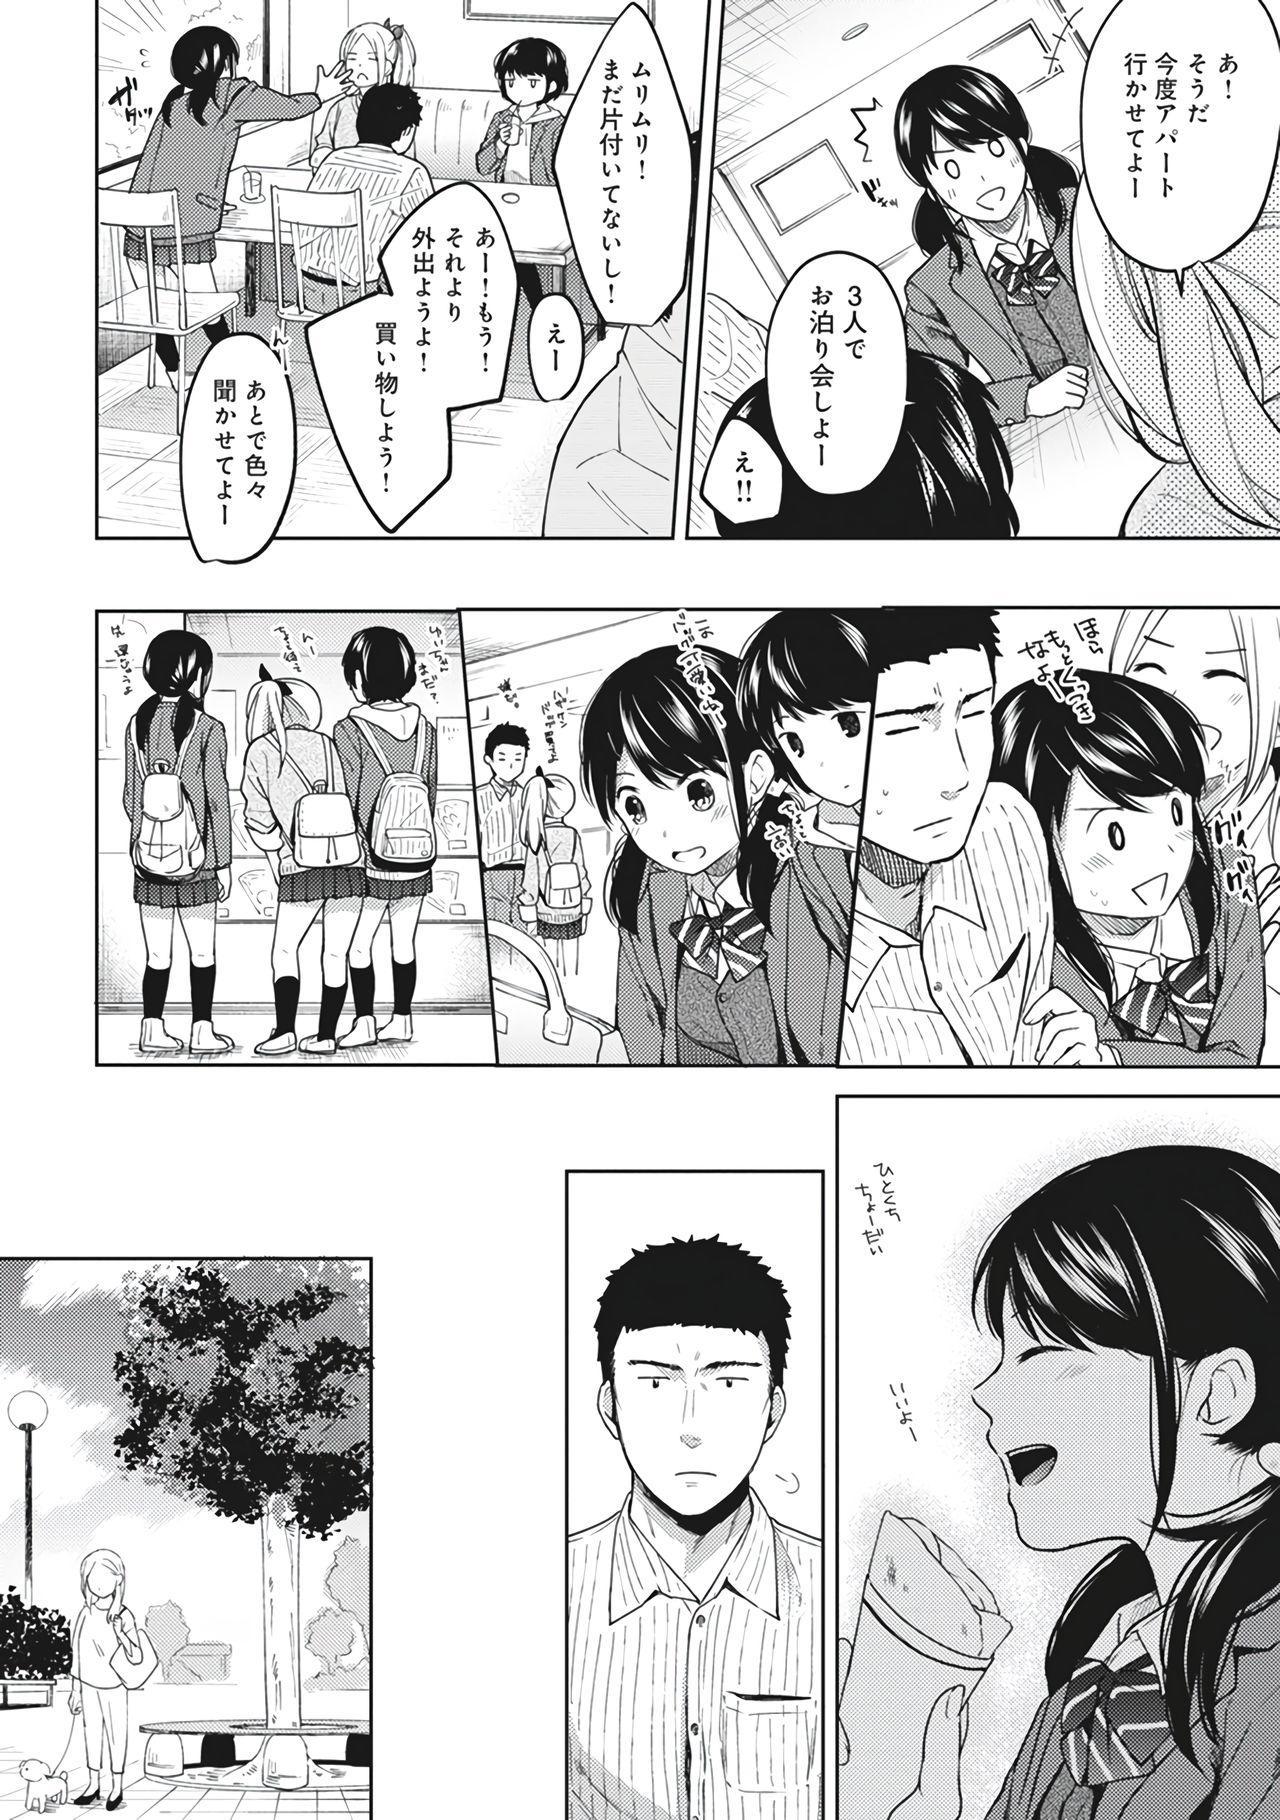 1LDK+JK Ikinari Doukyo? Micchaku!? Hatsu Ecchi!!? Vol.2 9